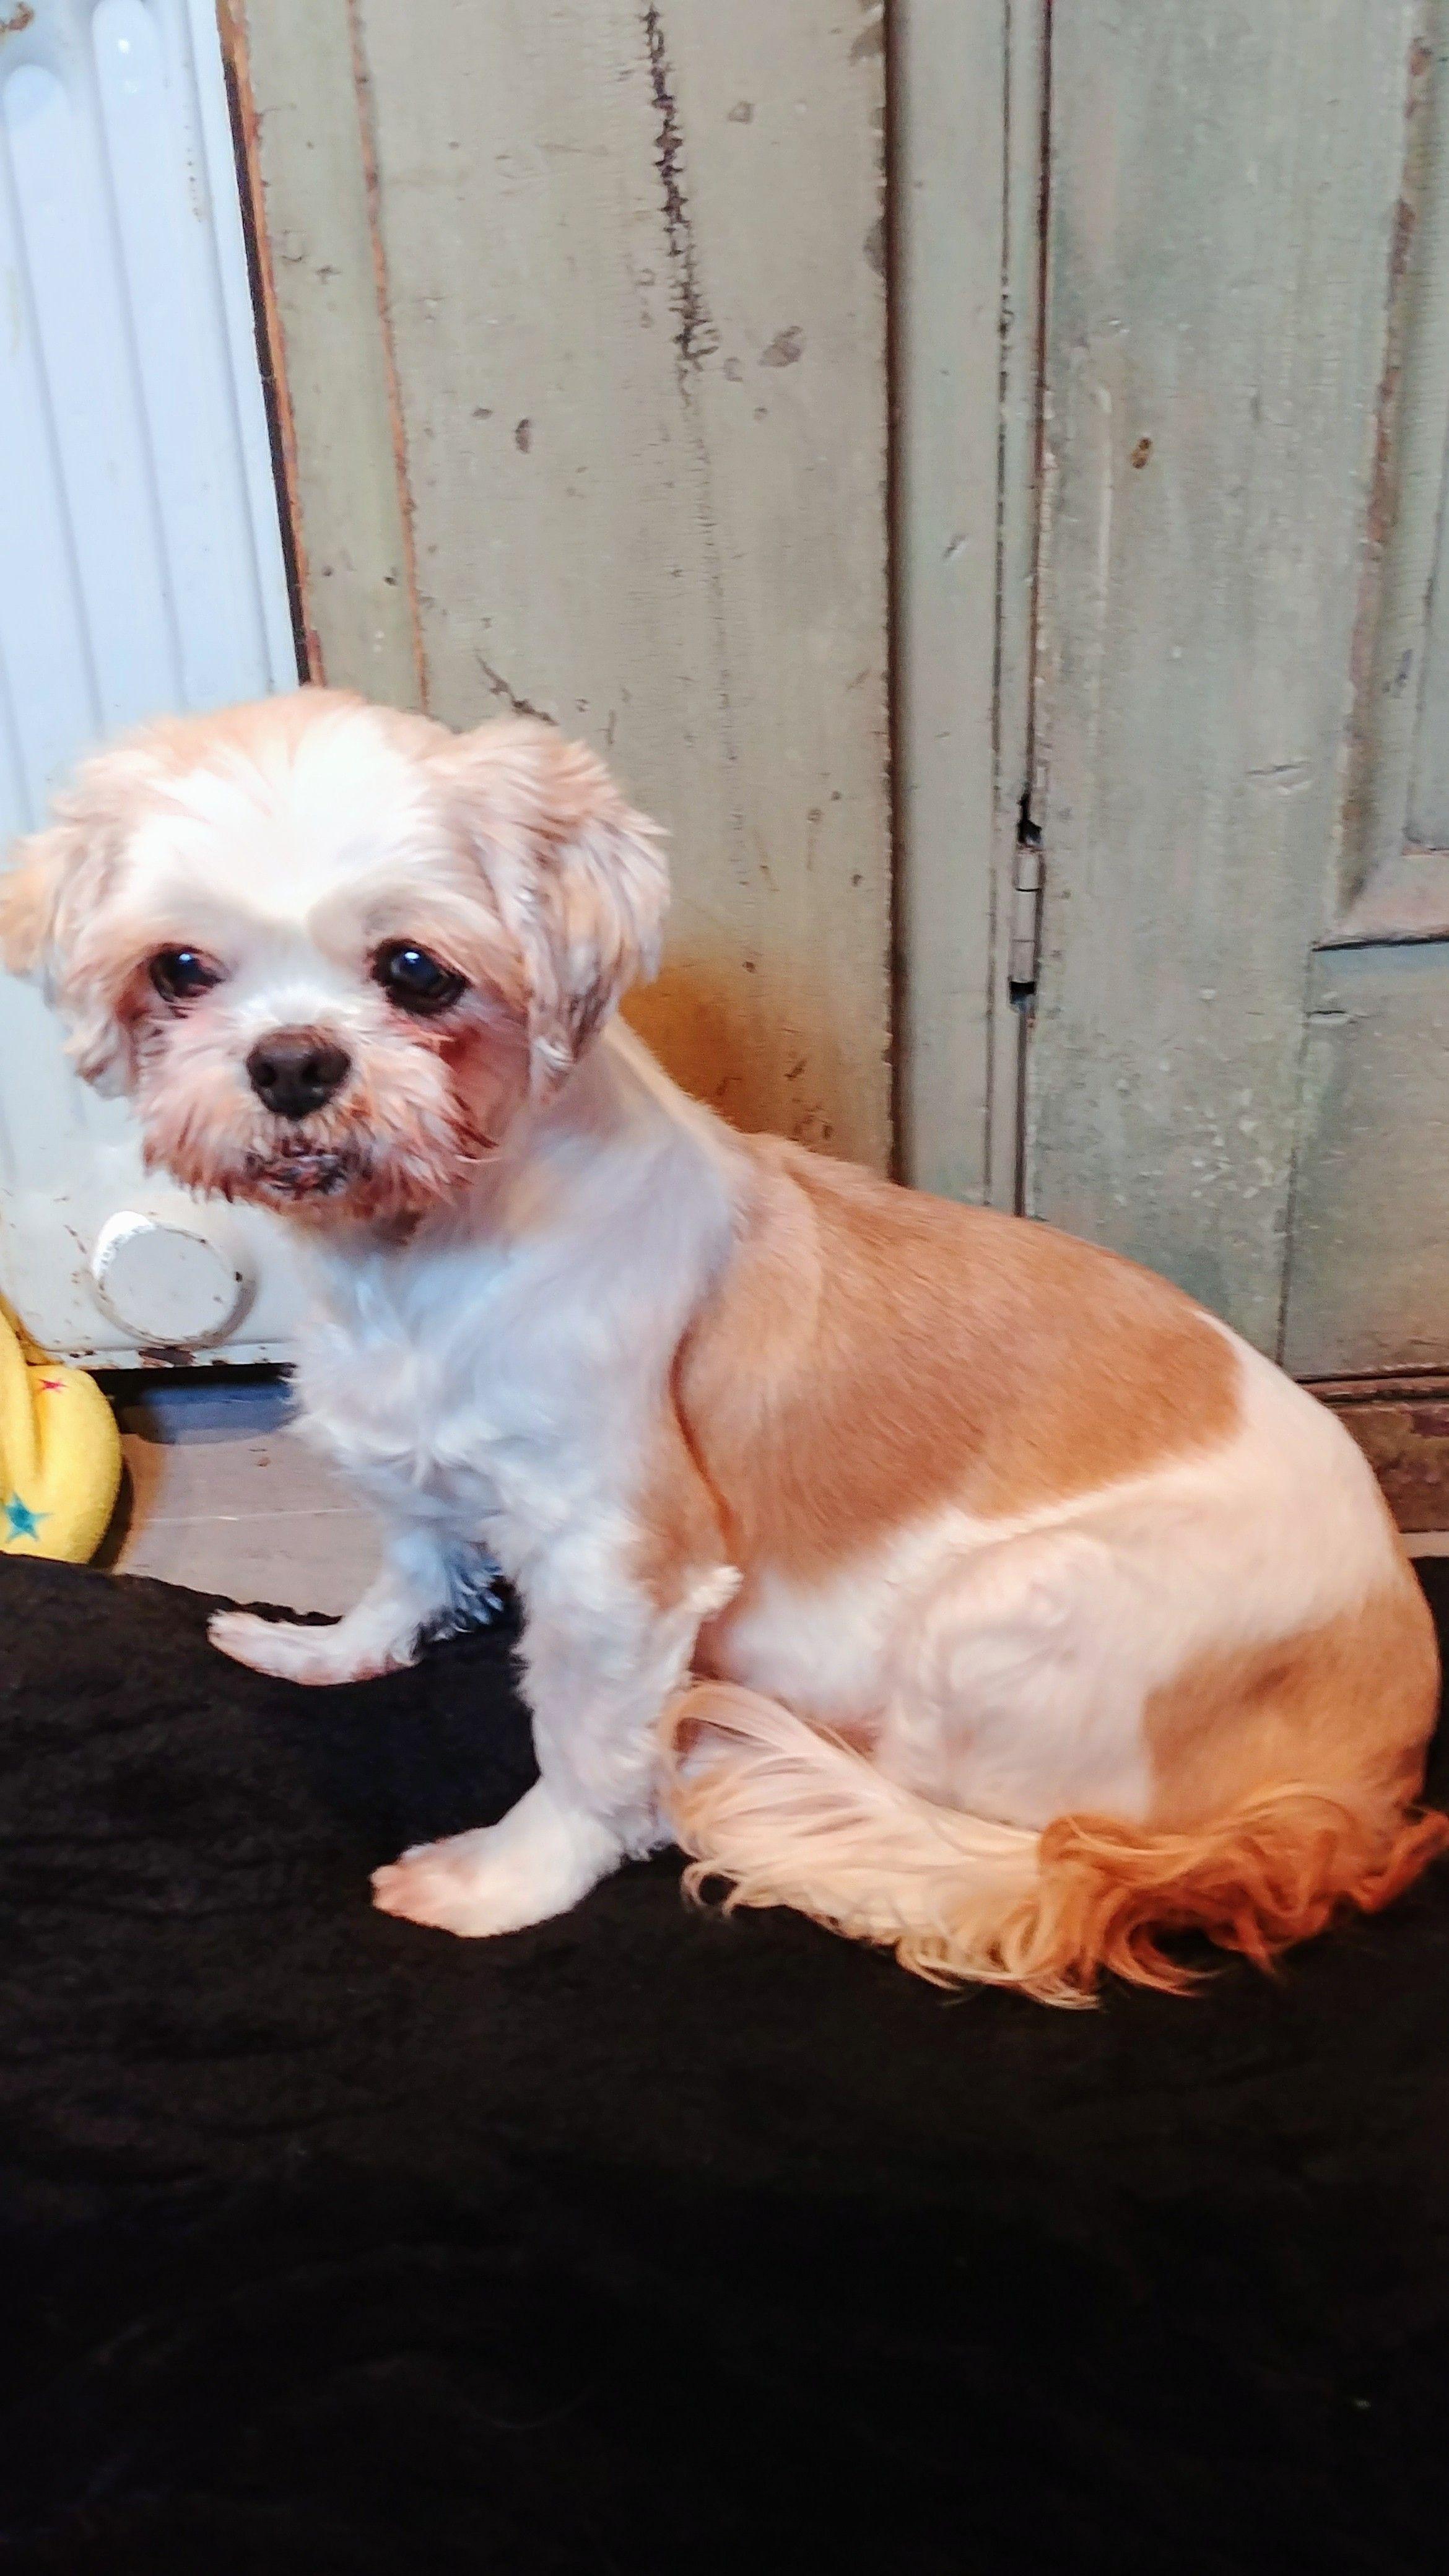 Shih Tzu Dog For Adoption In Beloit Wi Adn 733188 On Puppyfinder